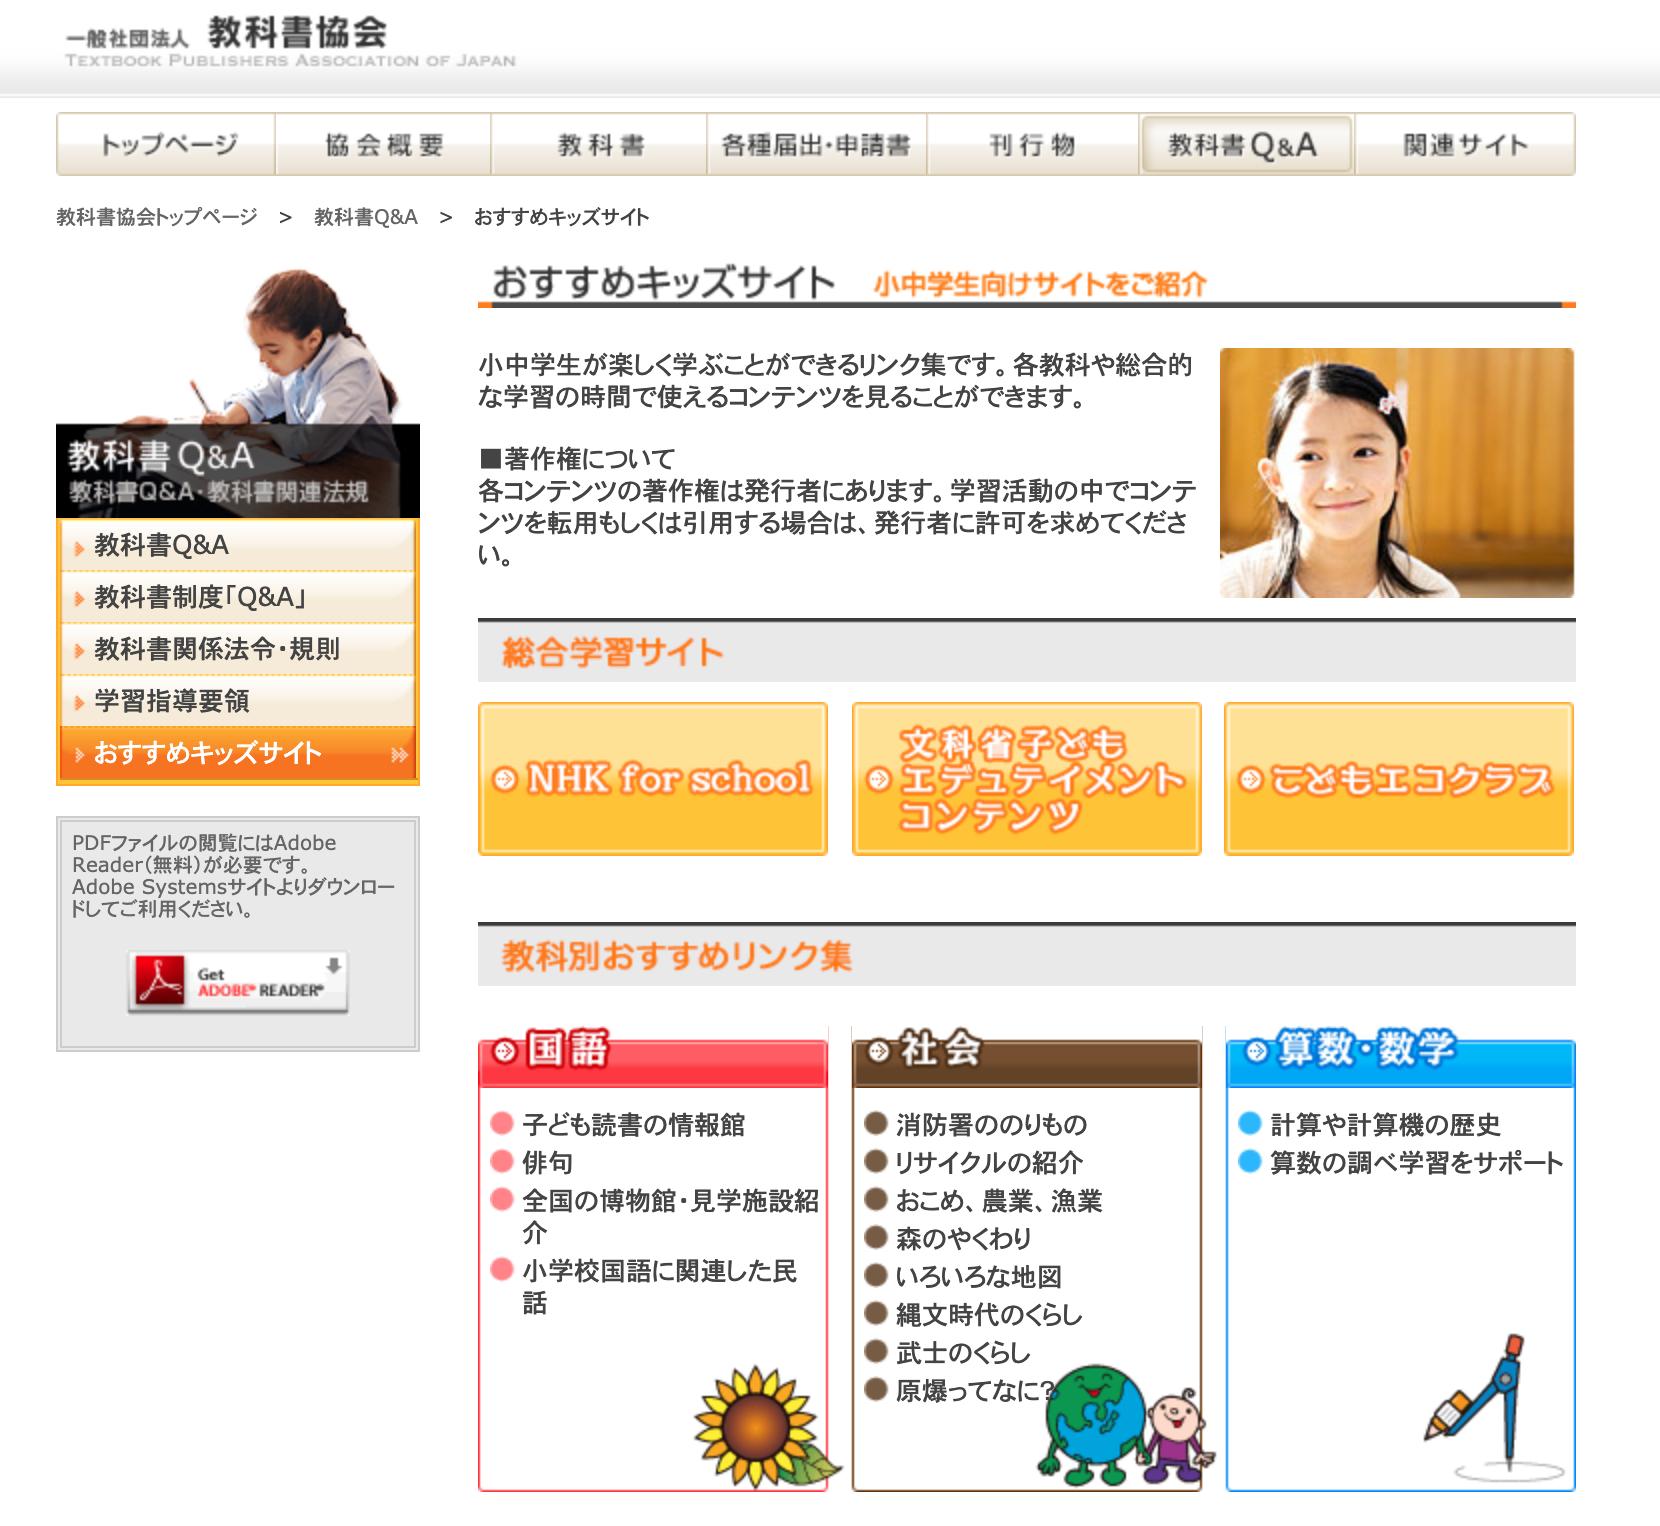 教科書協会(おすすめキッズサイト)